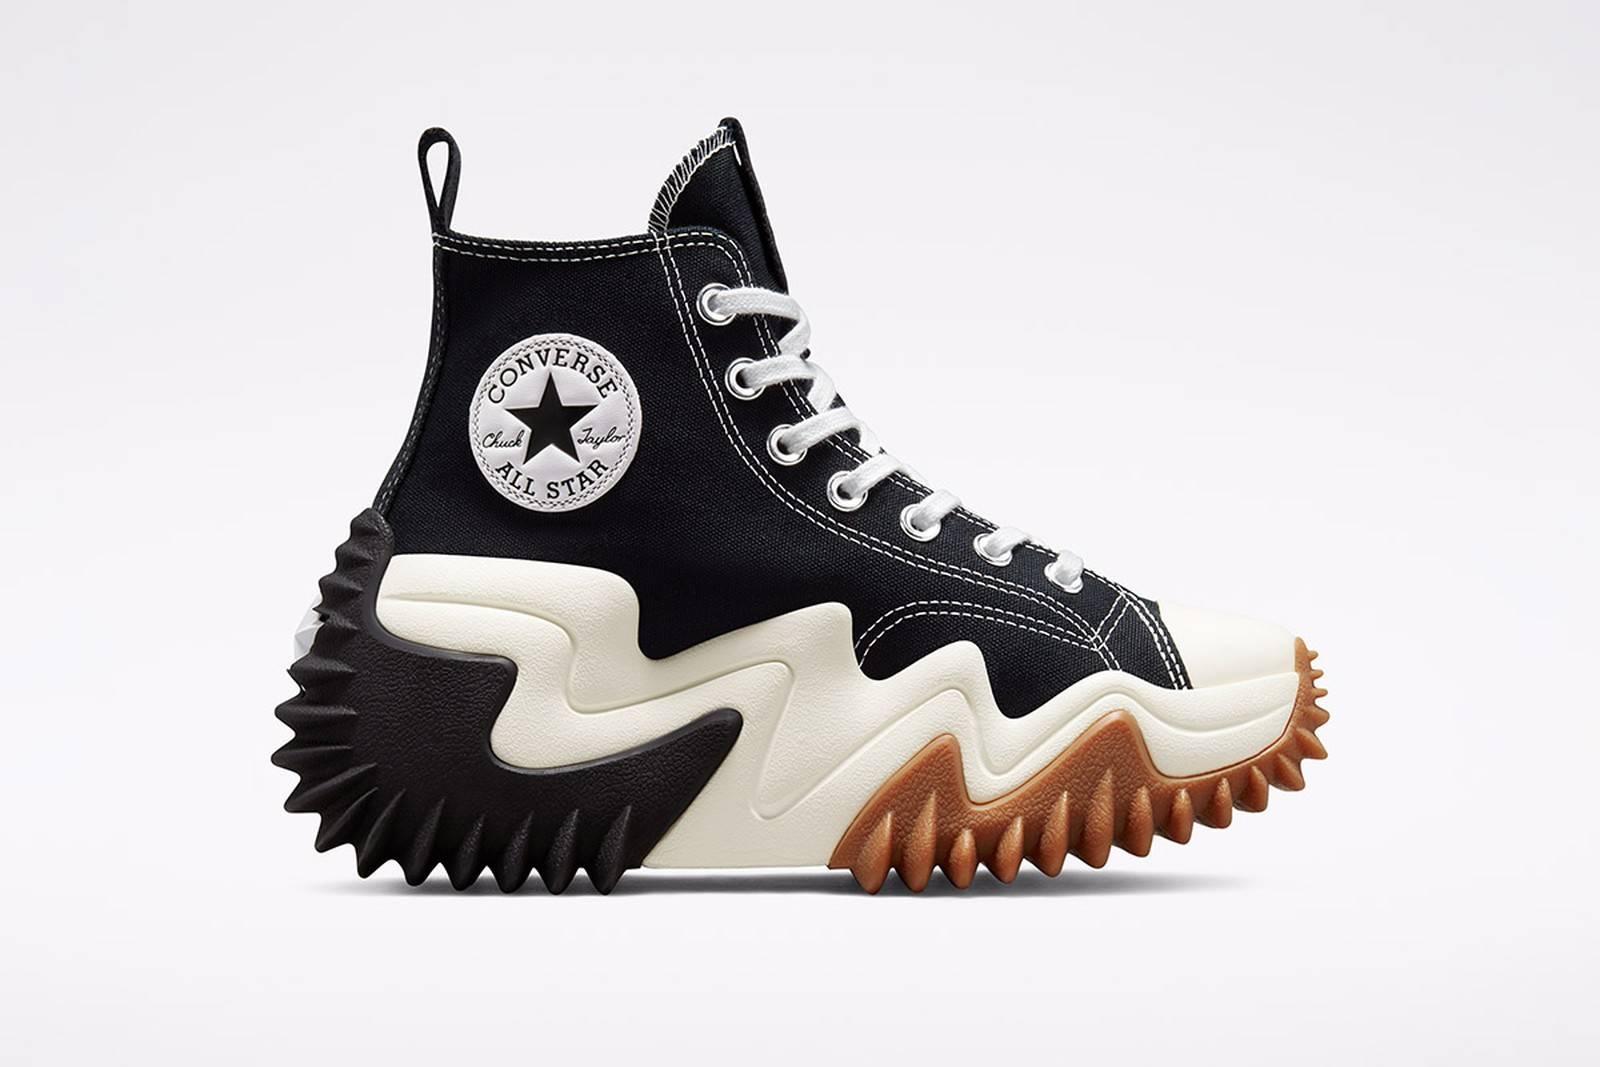 高帮, 解构, 篮球鞋, 匡威, Jordan, Converse